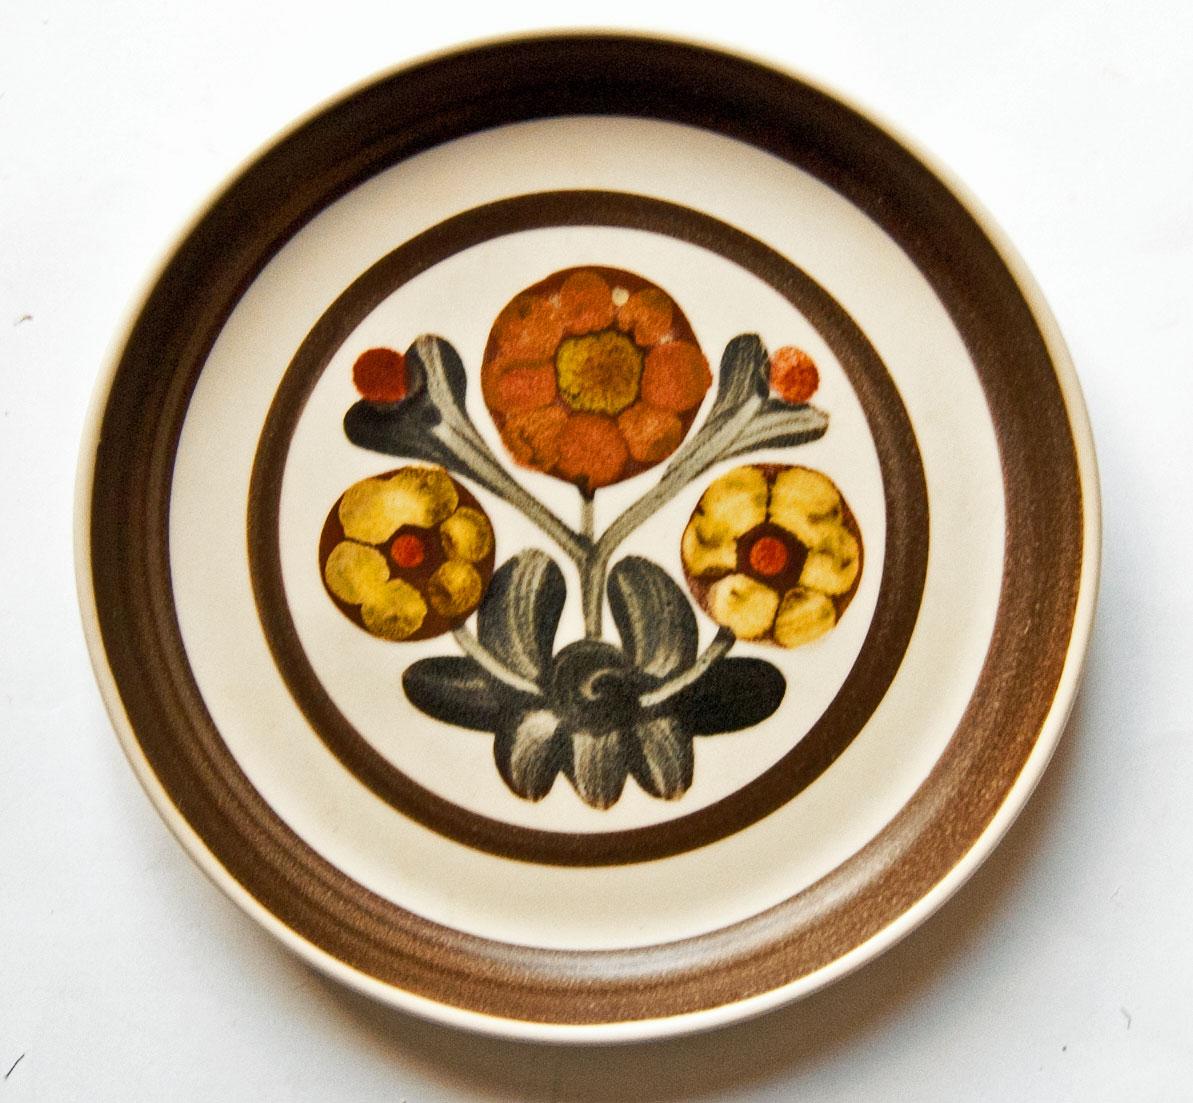 Mayflower Design - Gill Pemberton  sc 1 st  C20Ceramics & Mayflower \u2013 Gill Pemberton Denby | C20Ceramics